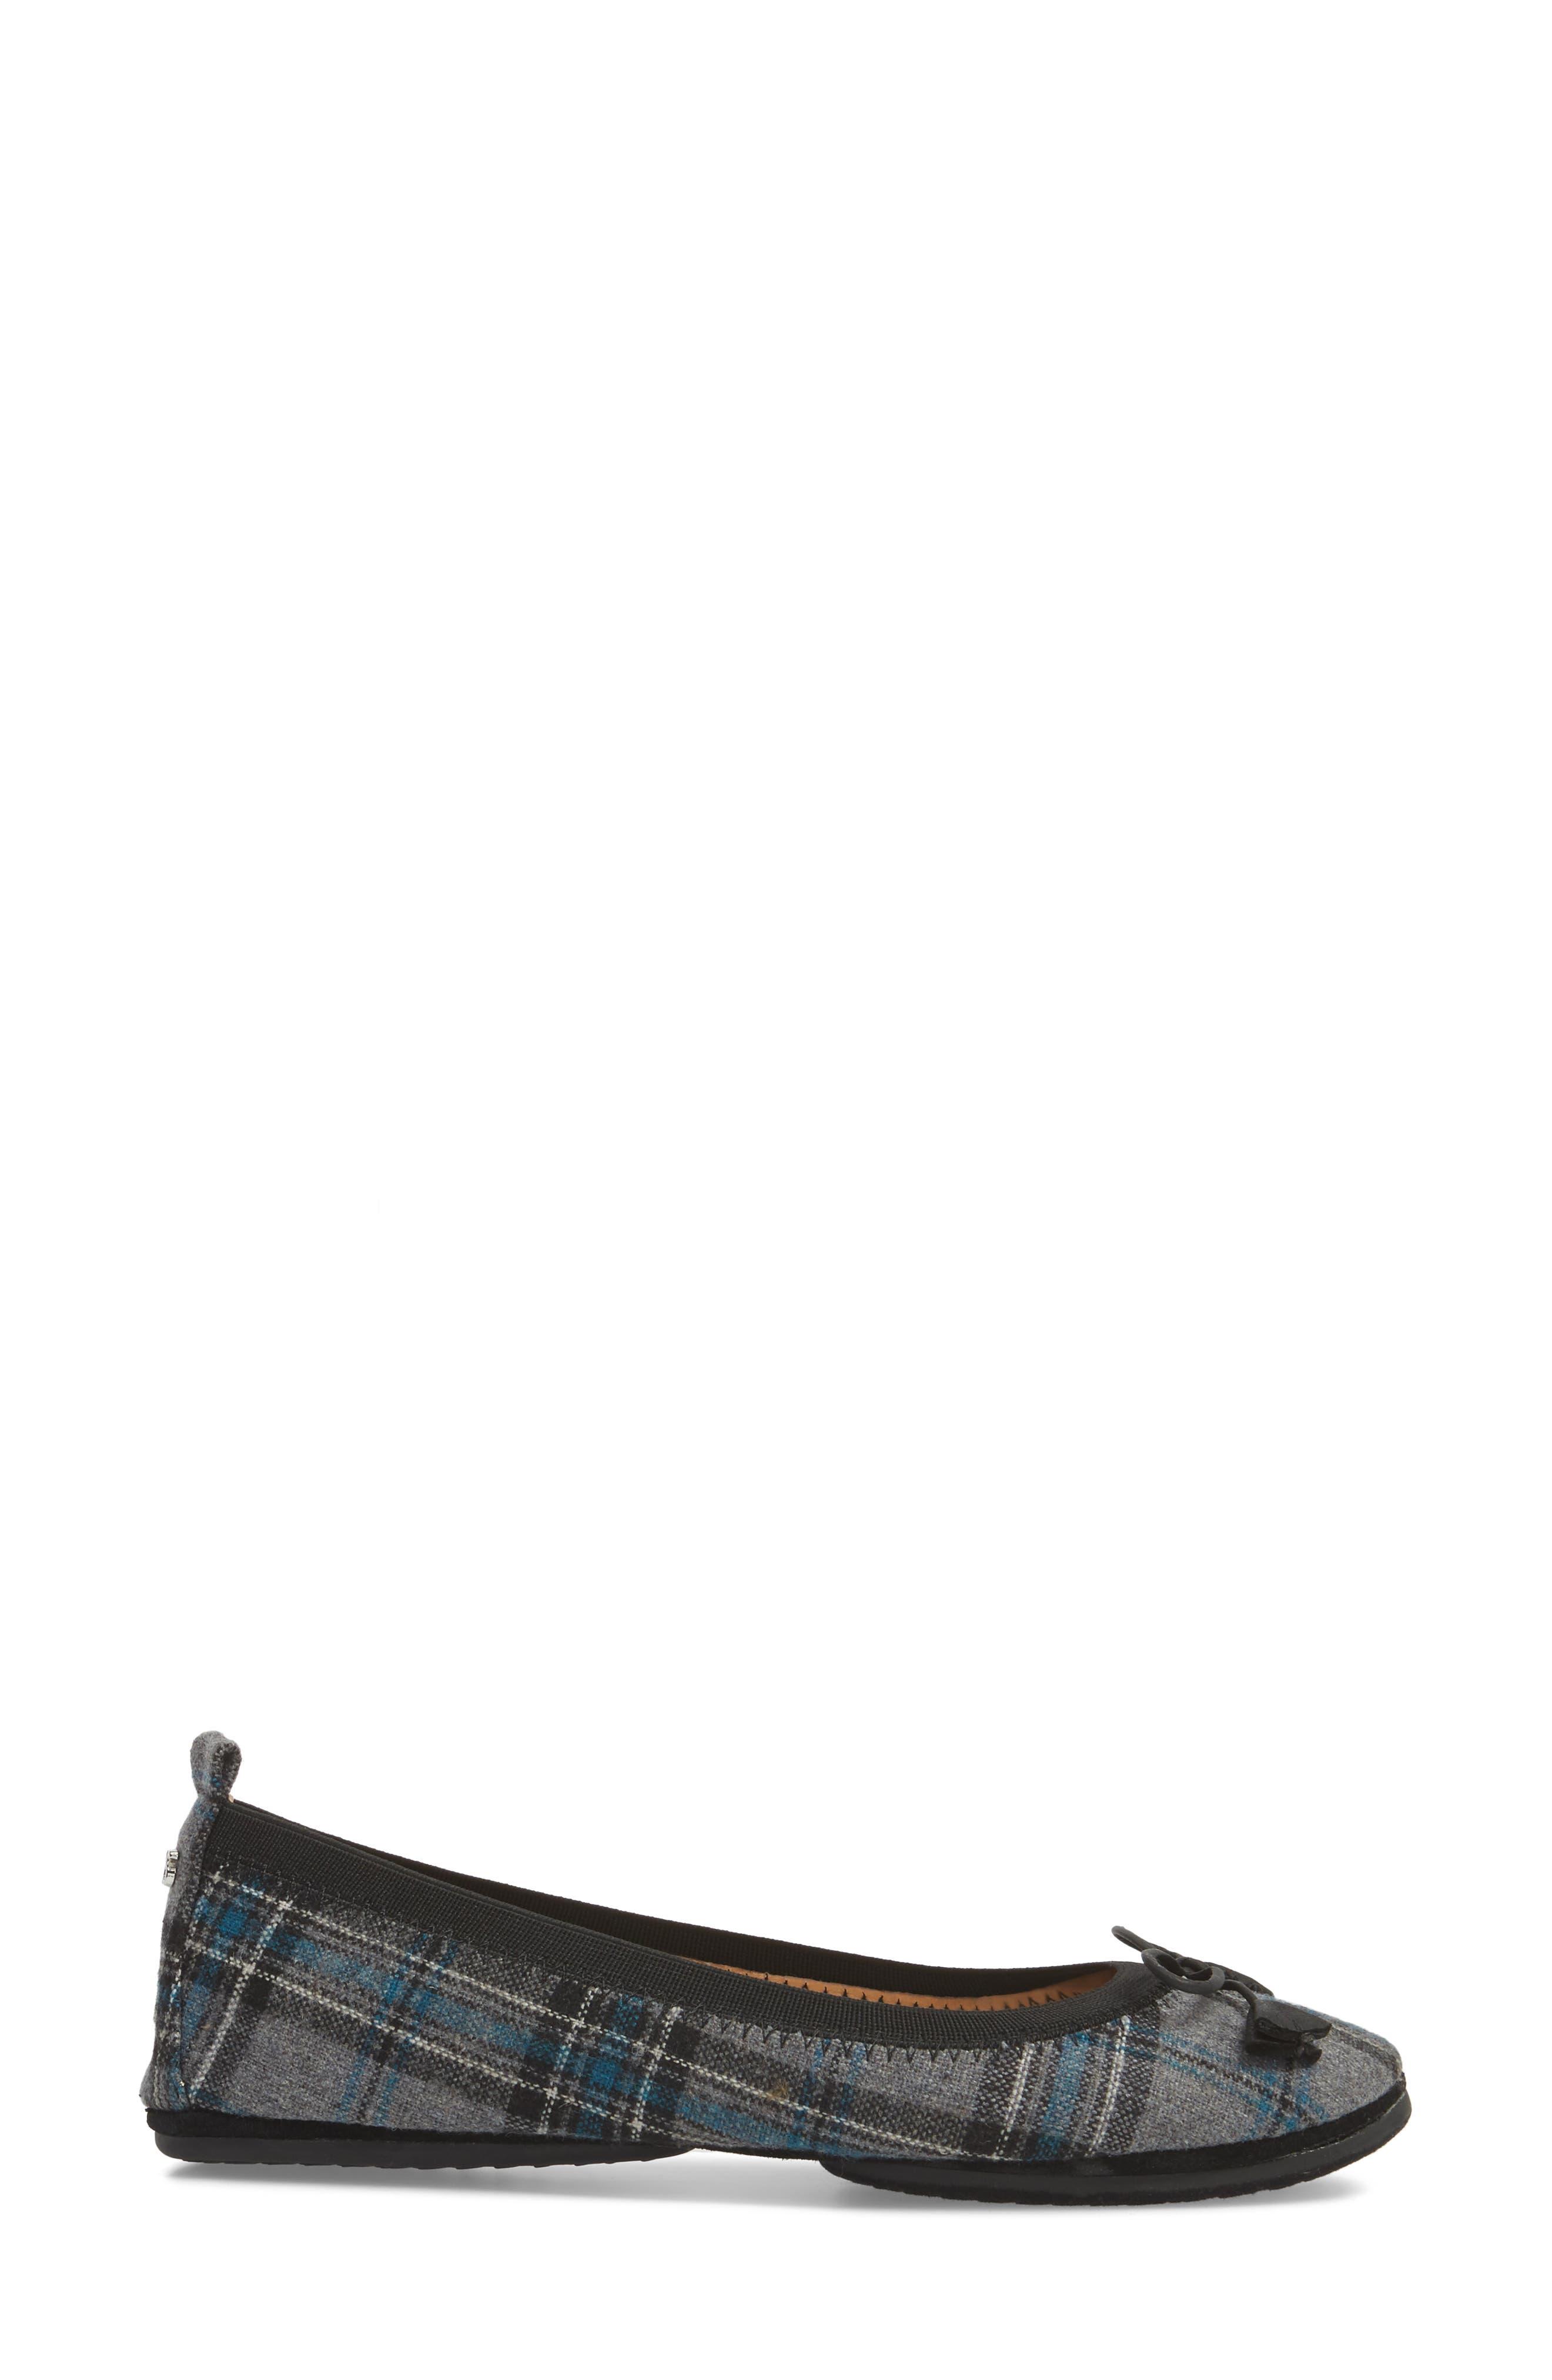 'Sandrine' Foldable Ballet Flat,                             Alternate thumbnail 3, color,                             053